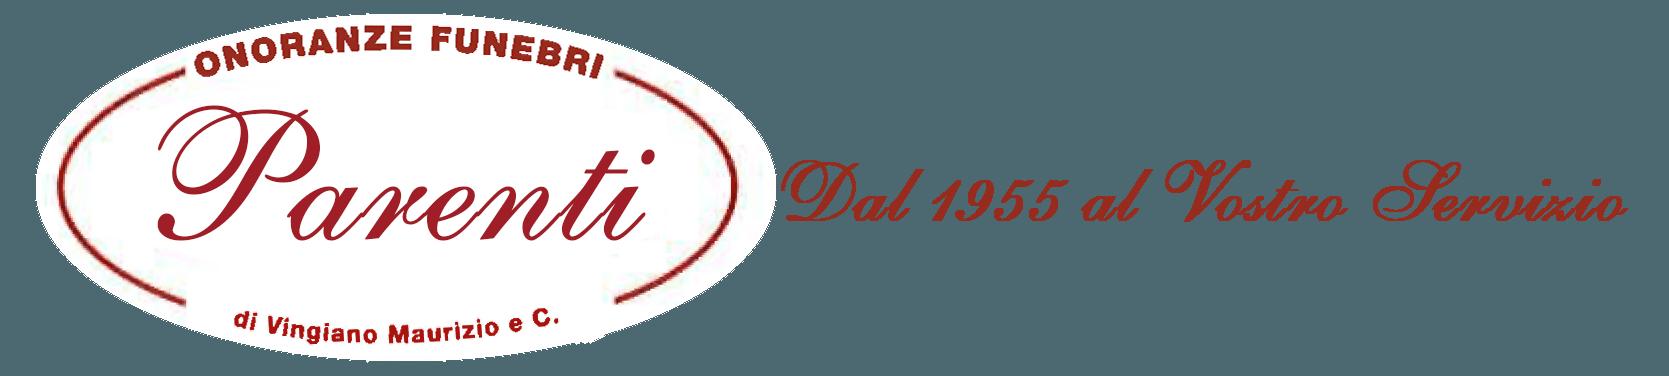 Logo Onoranze Funebri Parenti